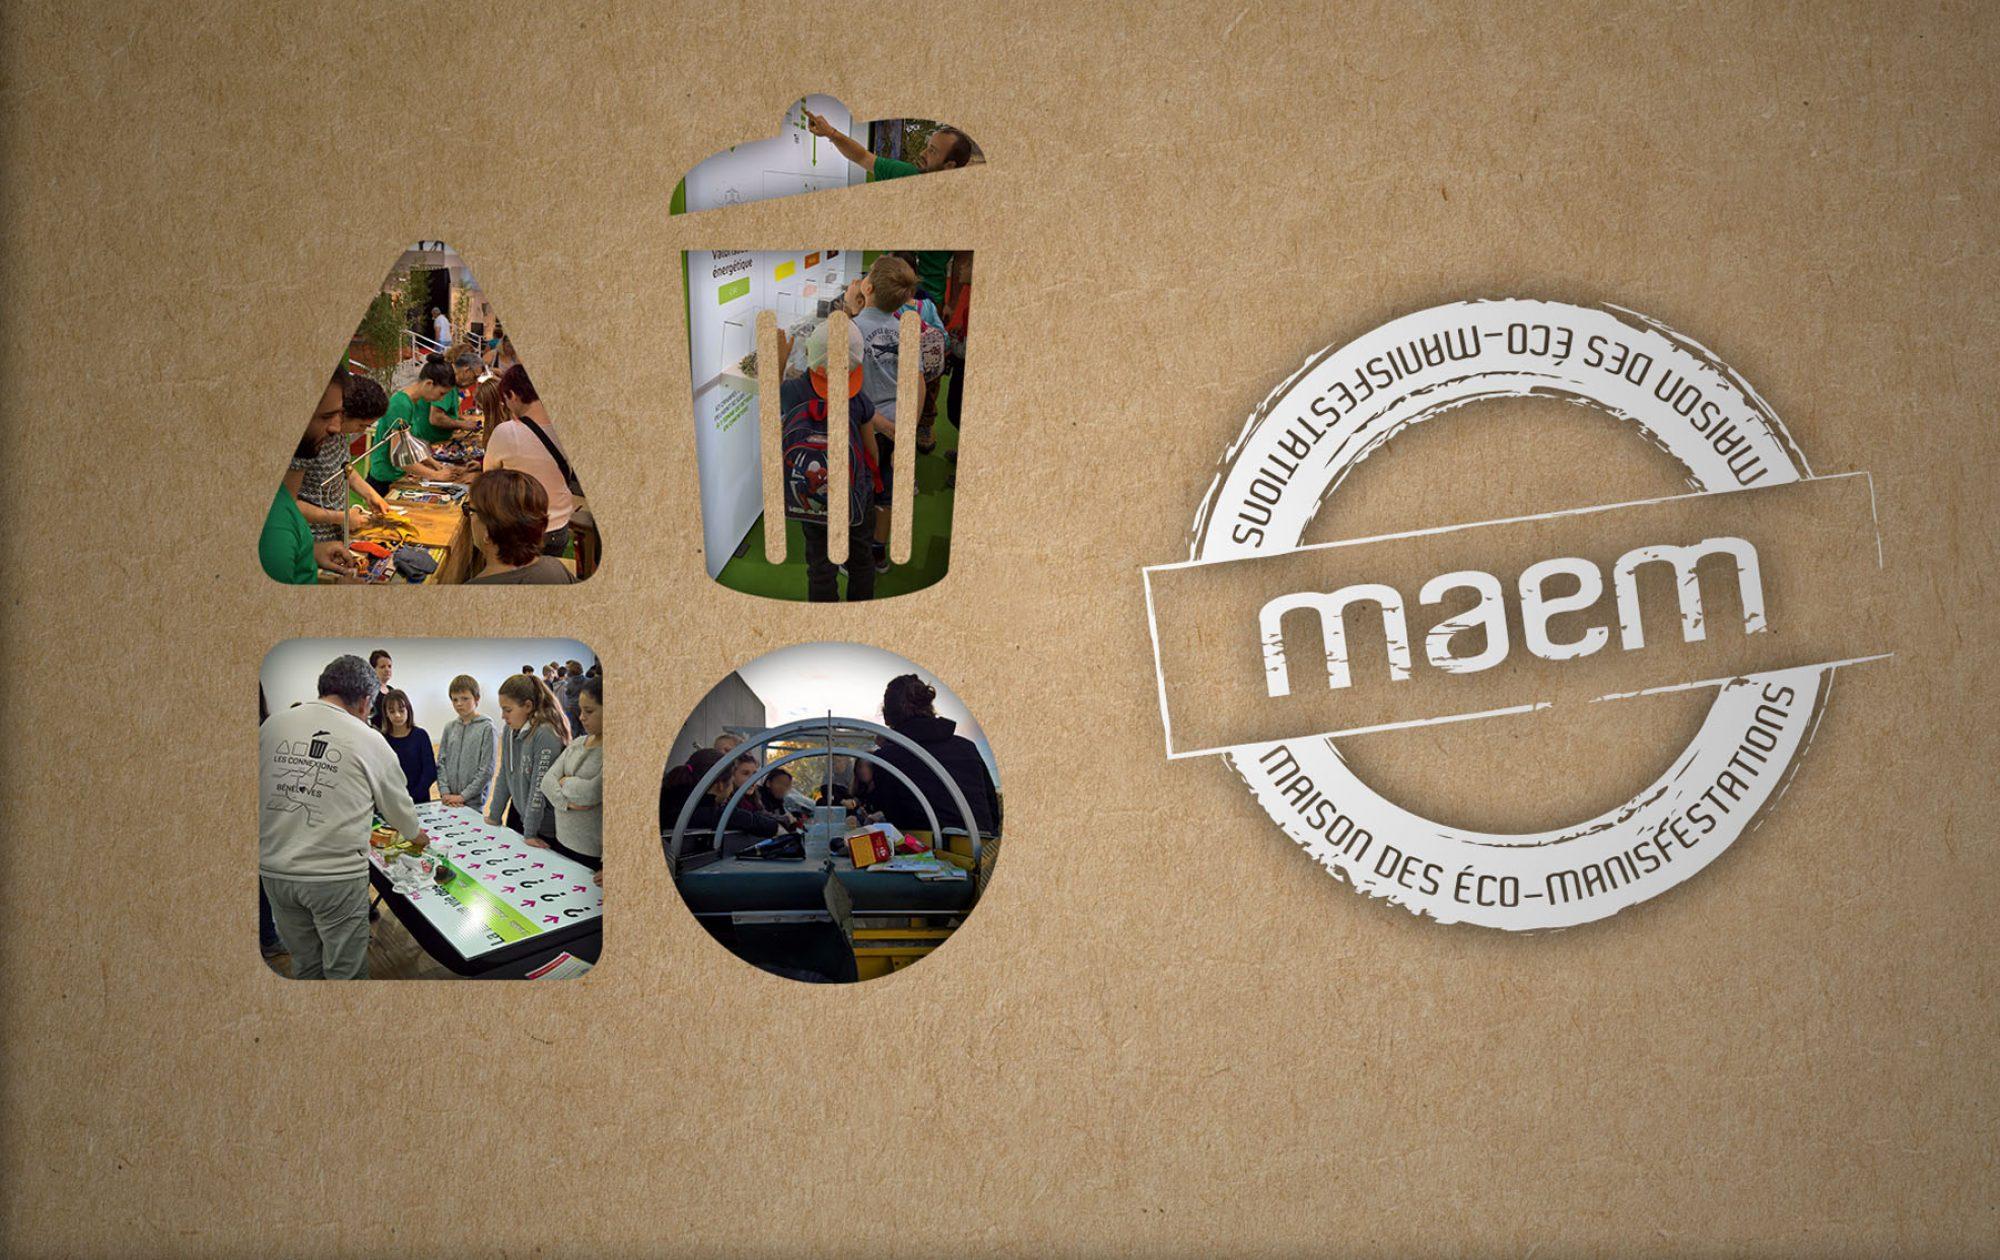 MAEM - Maison des eco-manisfestations